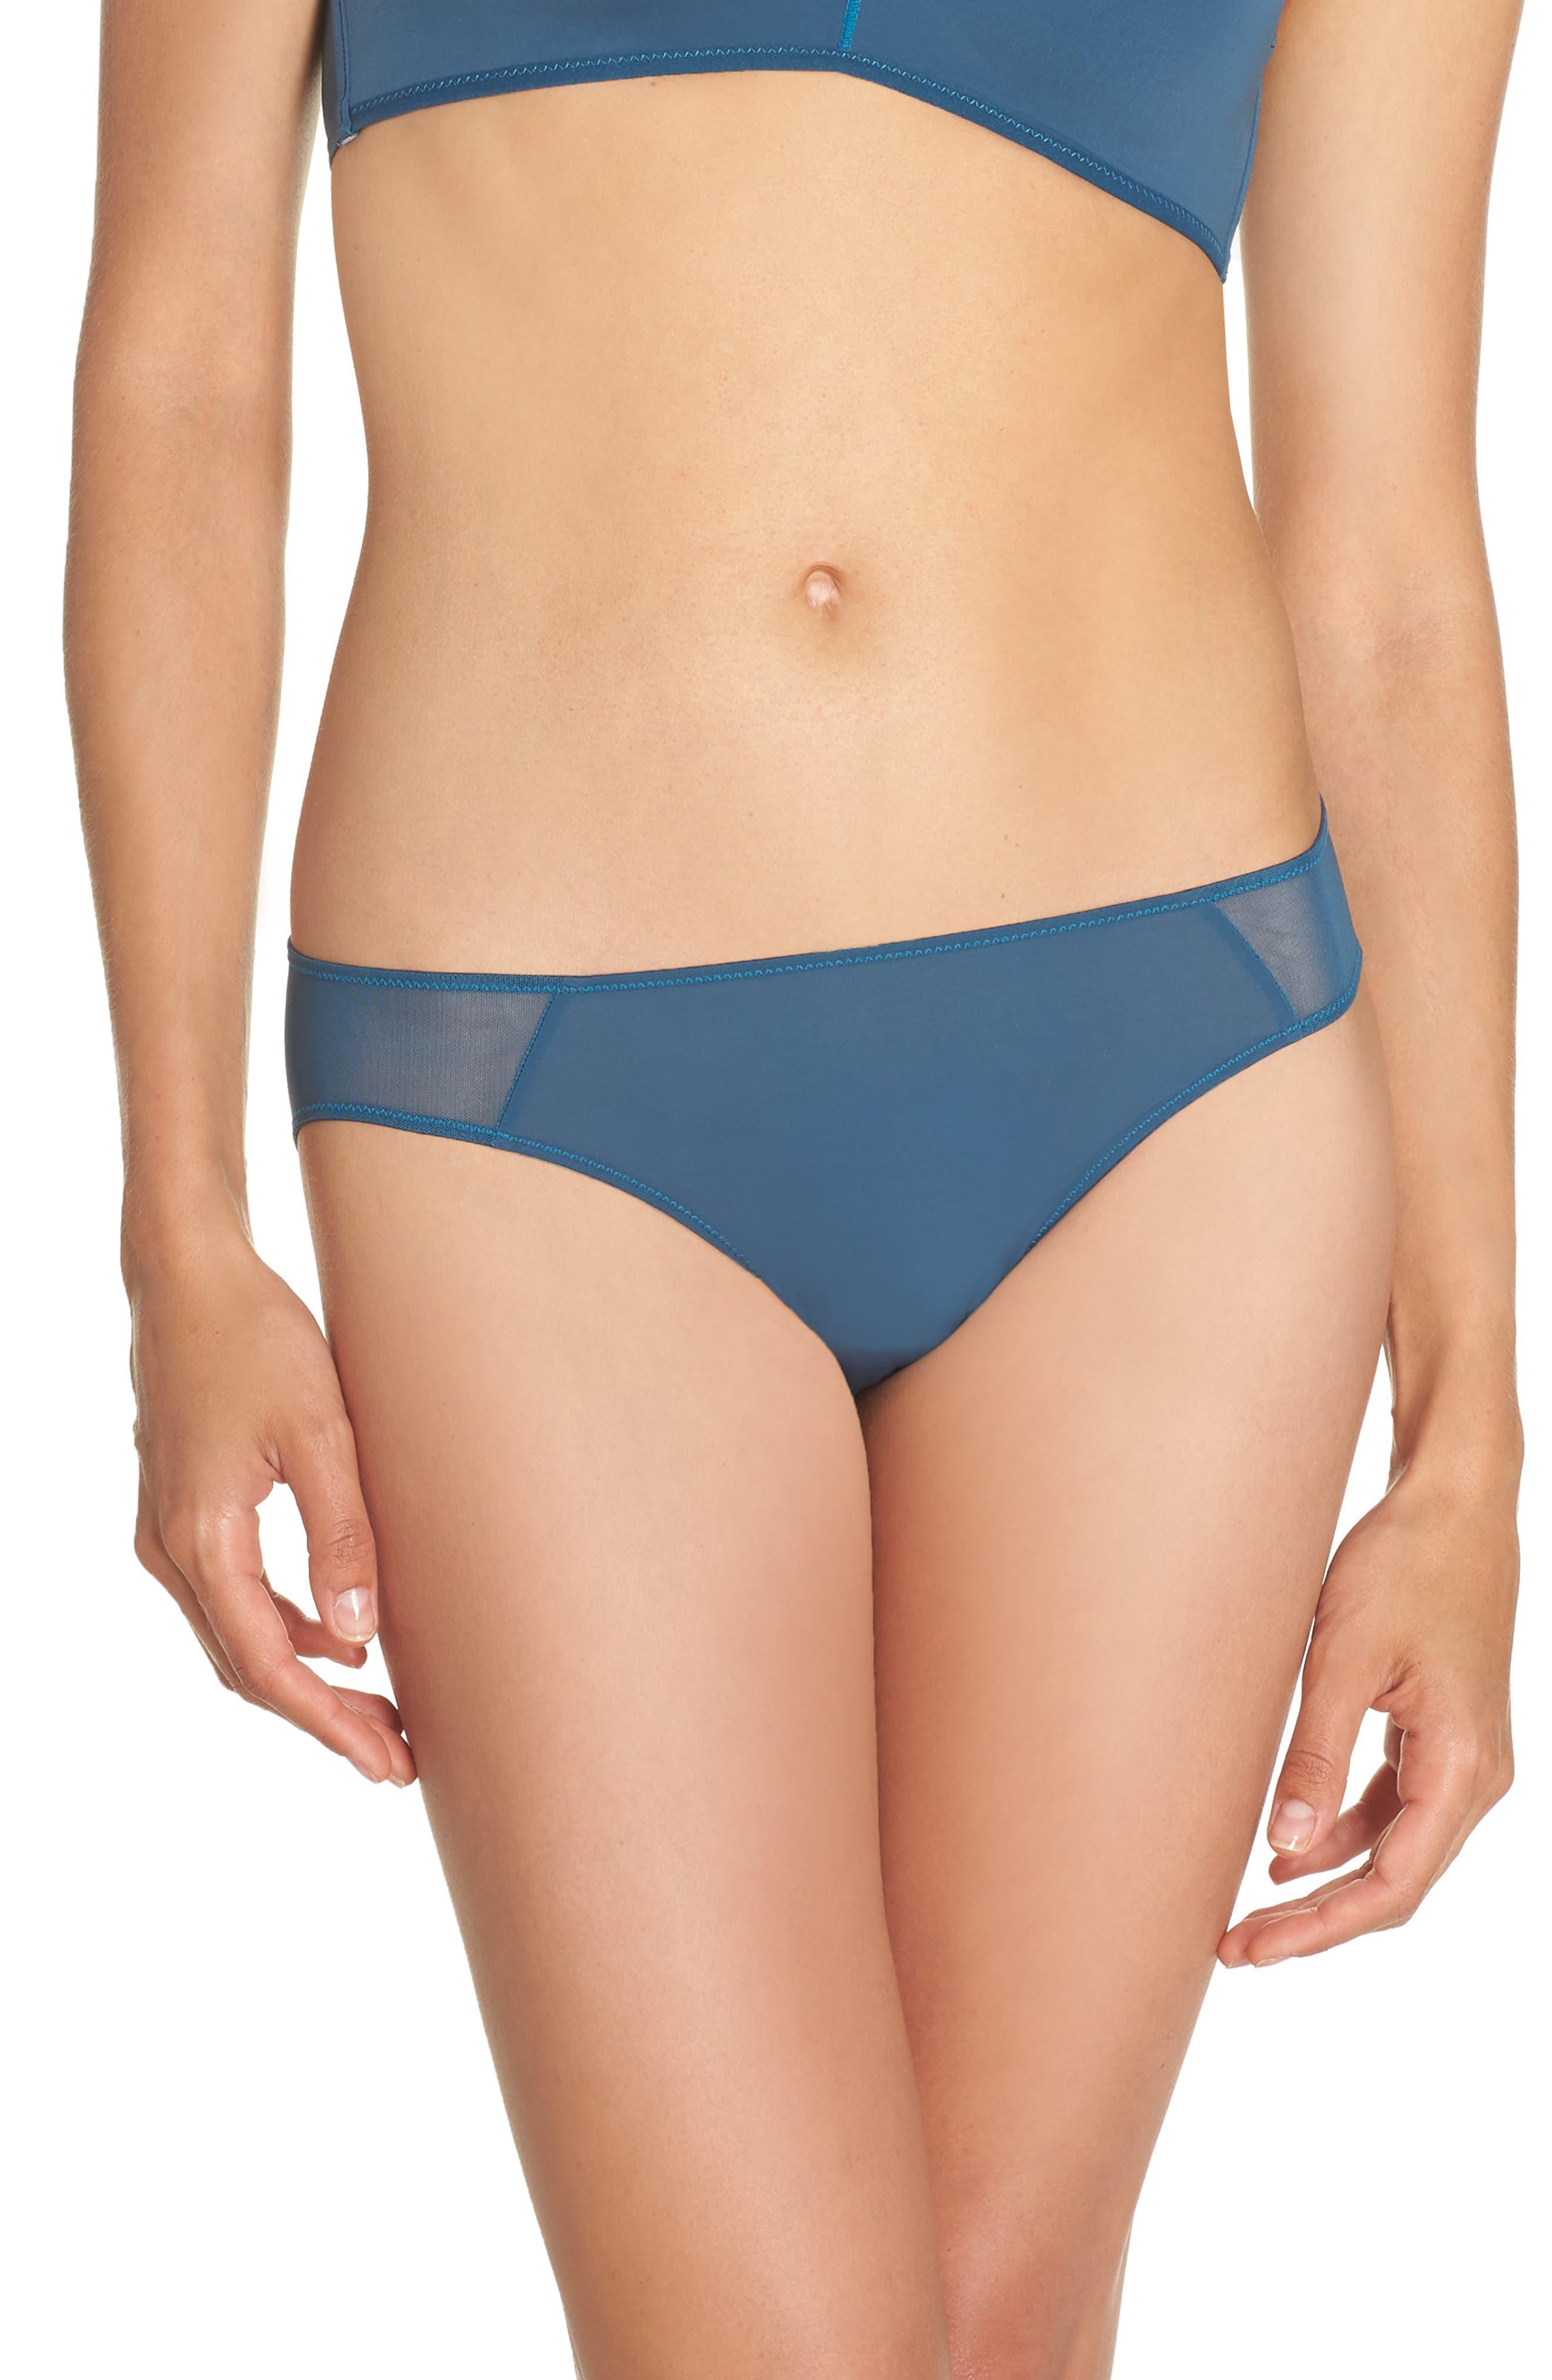 Mesh Trim Bikini,                             Main thumbnail 1, color,                             Blue Hematite